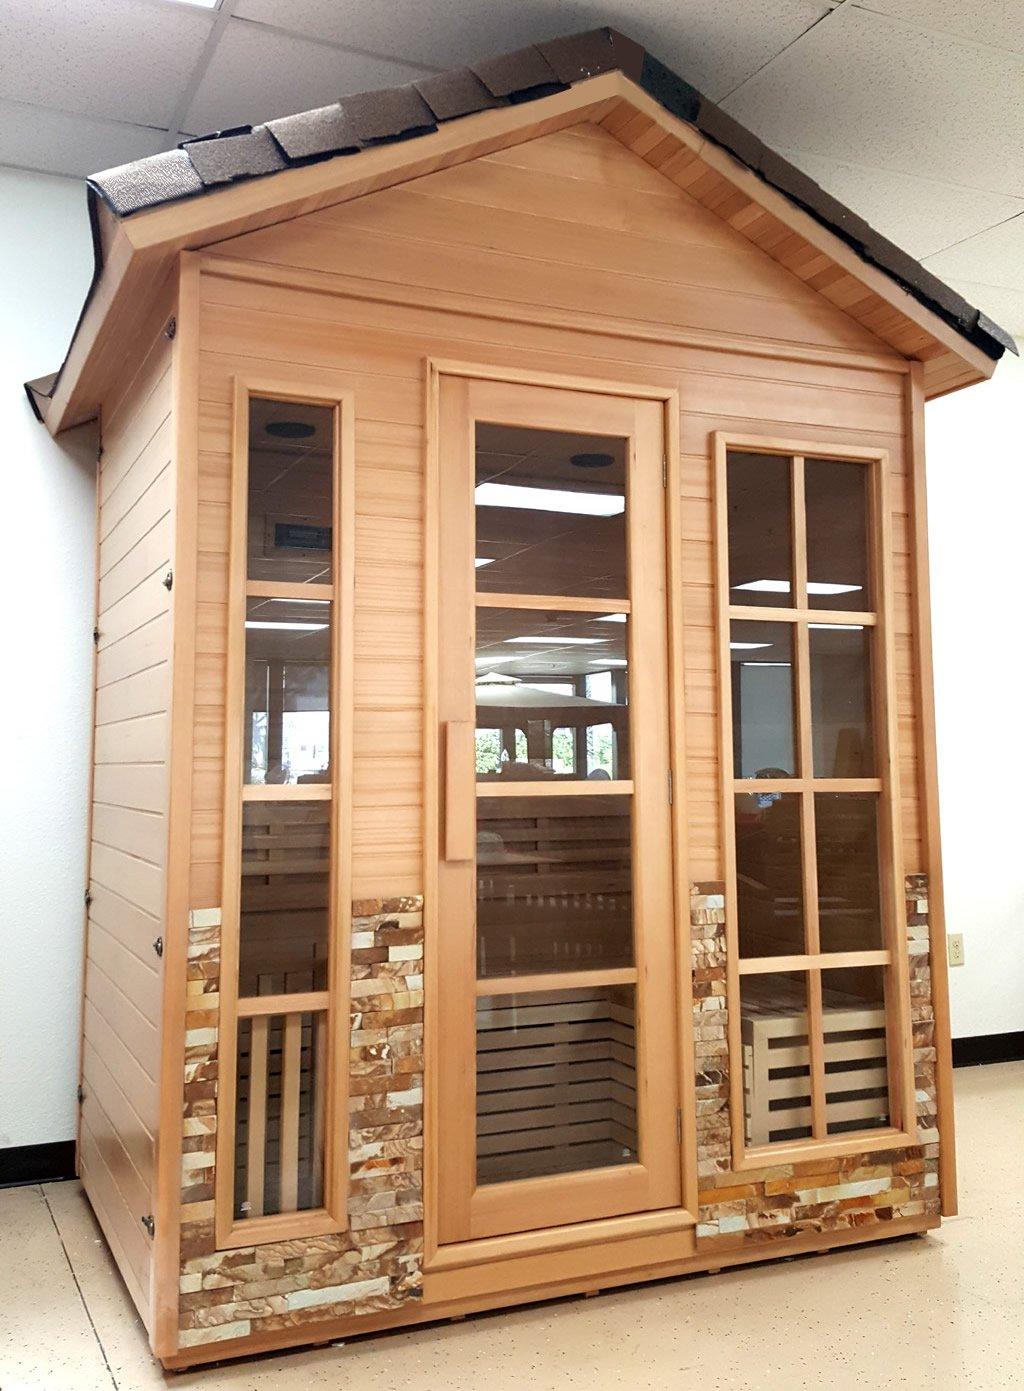 Outdoor Sauna Canadian Hemlock Wet / Dry Swedish Sauna Deluxe SPA